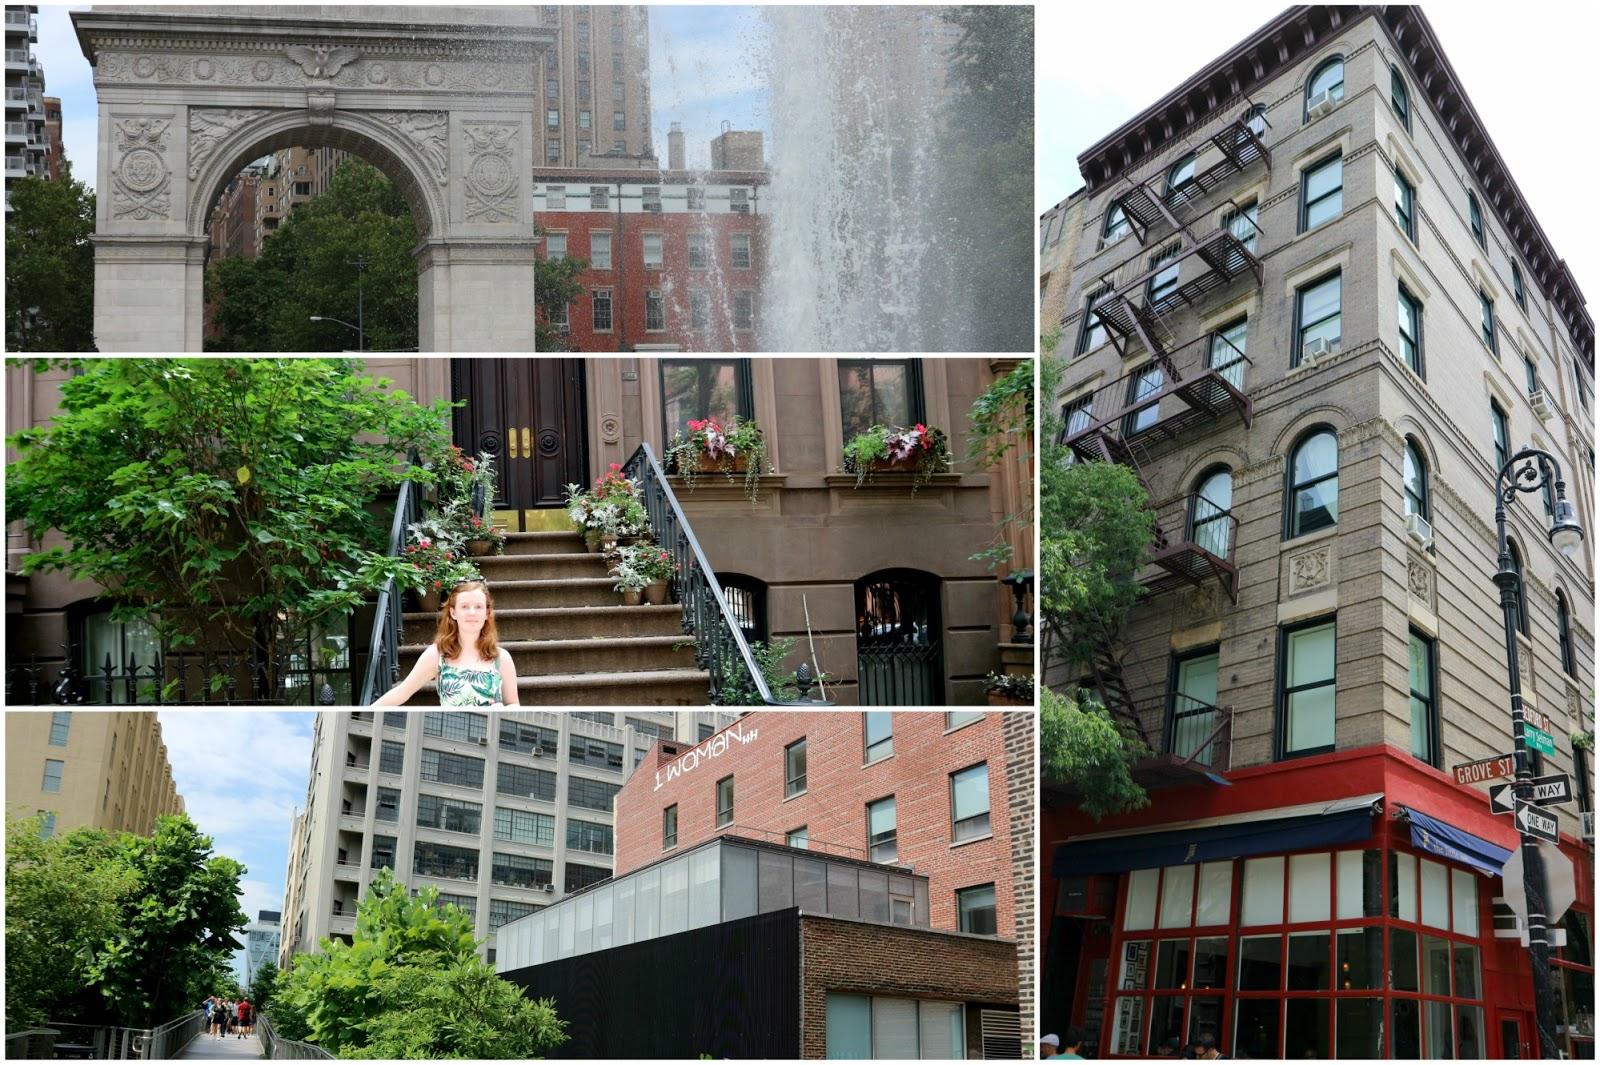 new york itinerary 2 days